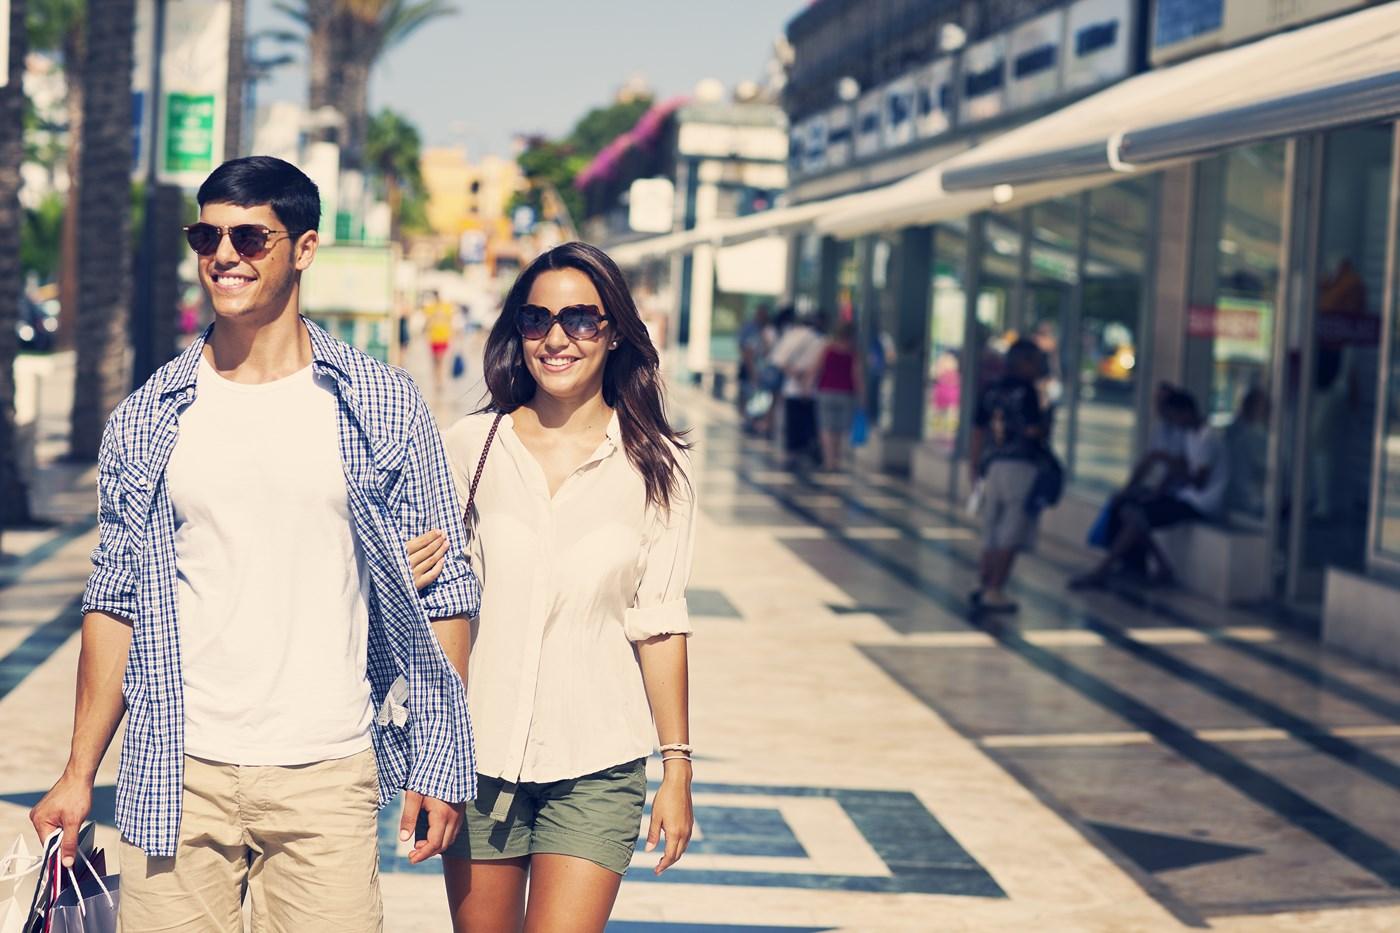 чем полезен шоппинг, эффект шоппинга для здоровья, психология и шоппинг